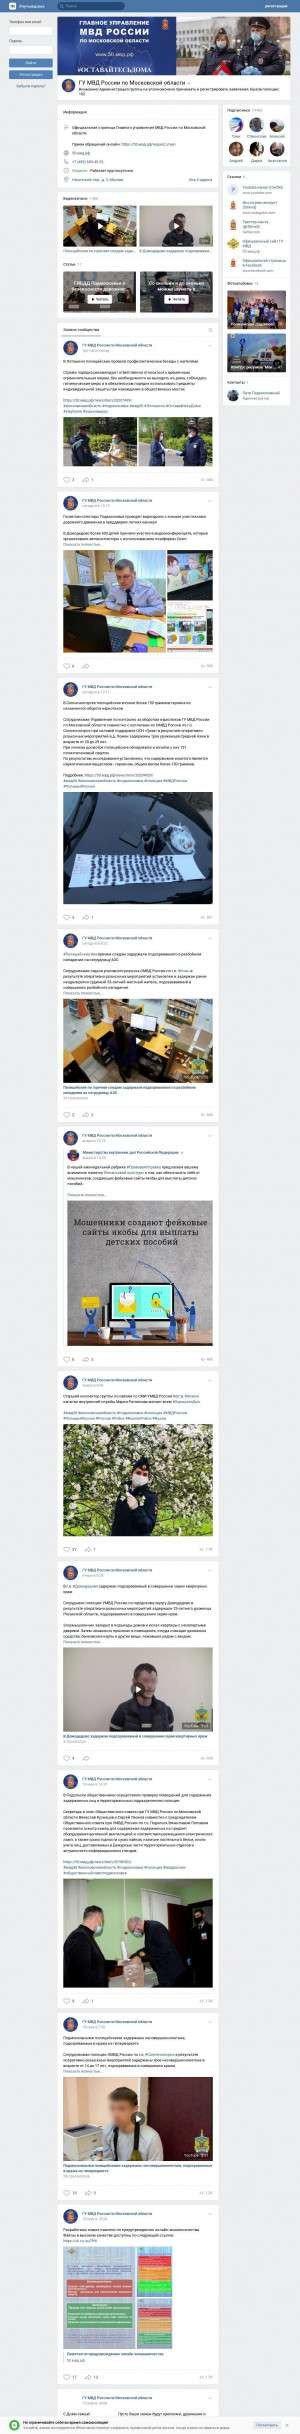 Предпросмотр для vk.com — Видновский отдел полиции